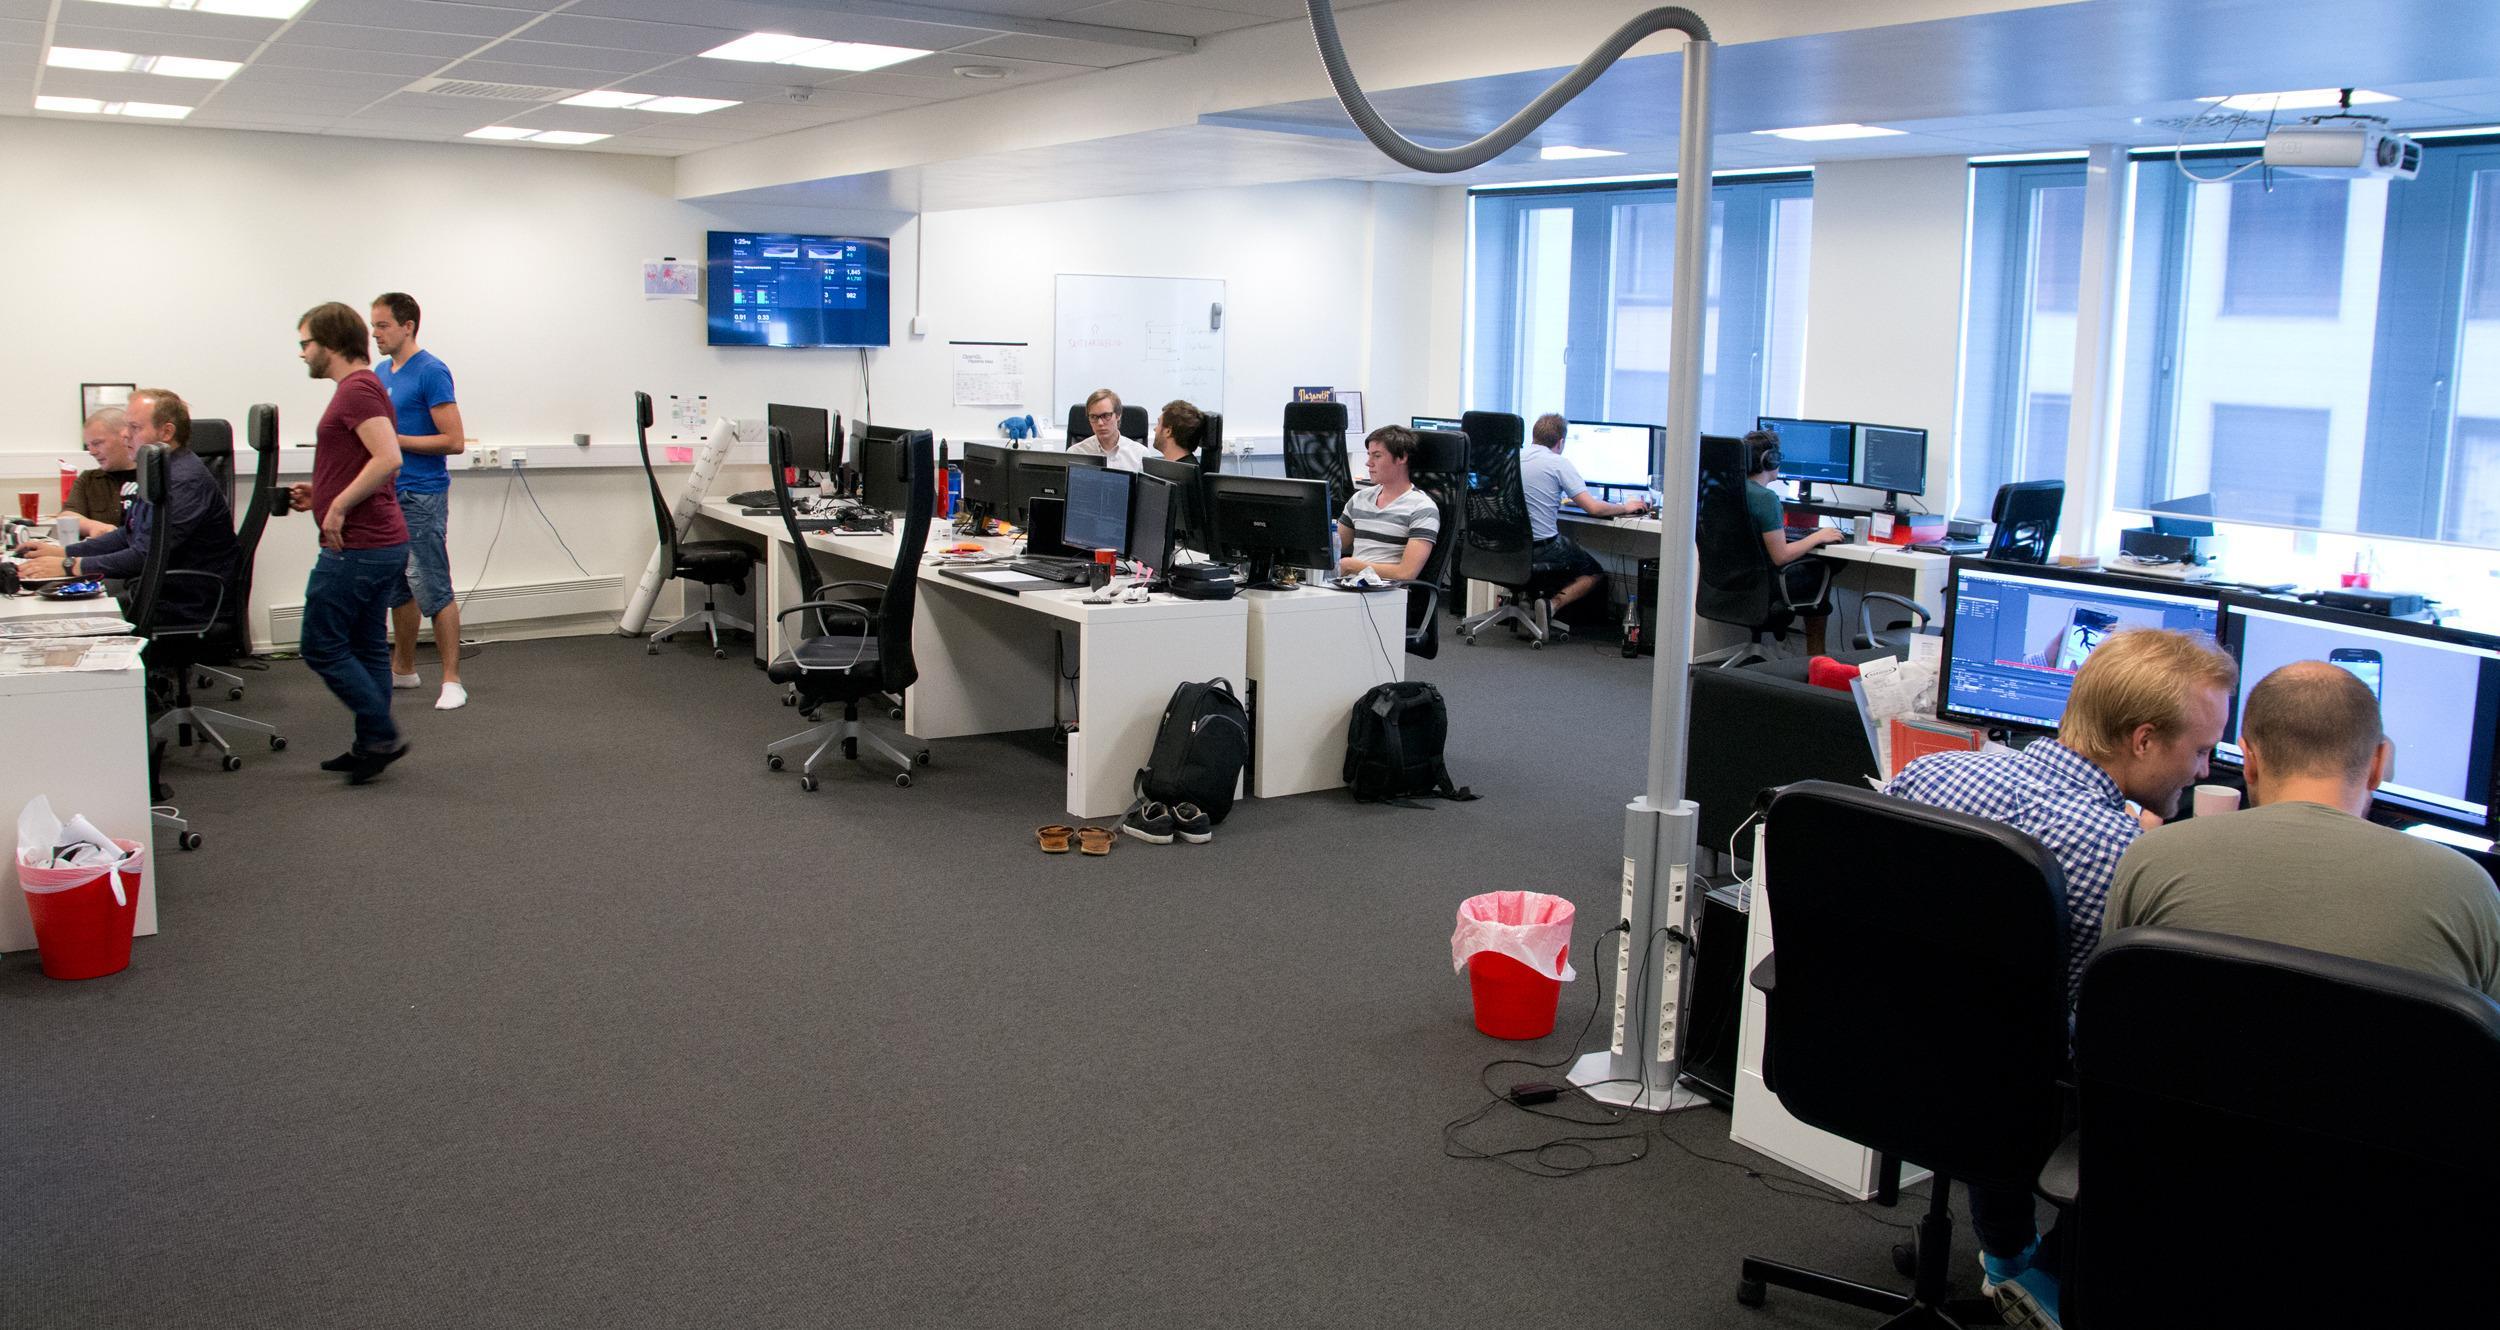 Lyse og trivelige lokaler, med et heller ungt utviklingsmiljø.Foto: Rolf B. Wegner, Hardware.no